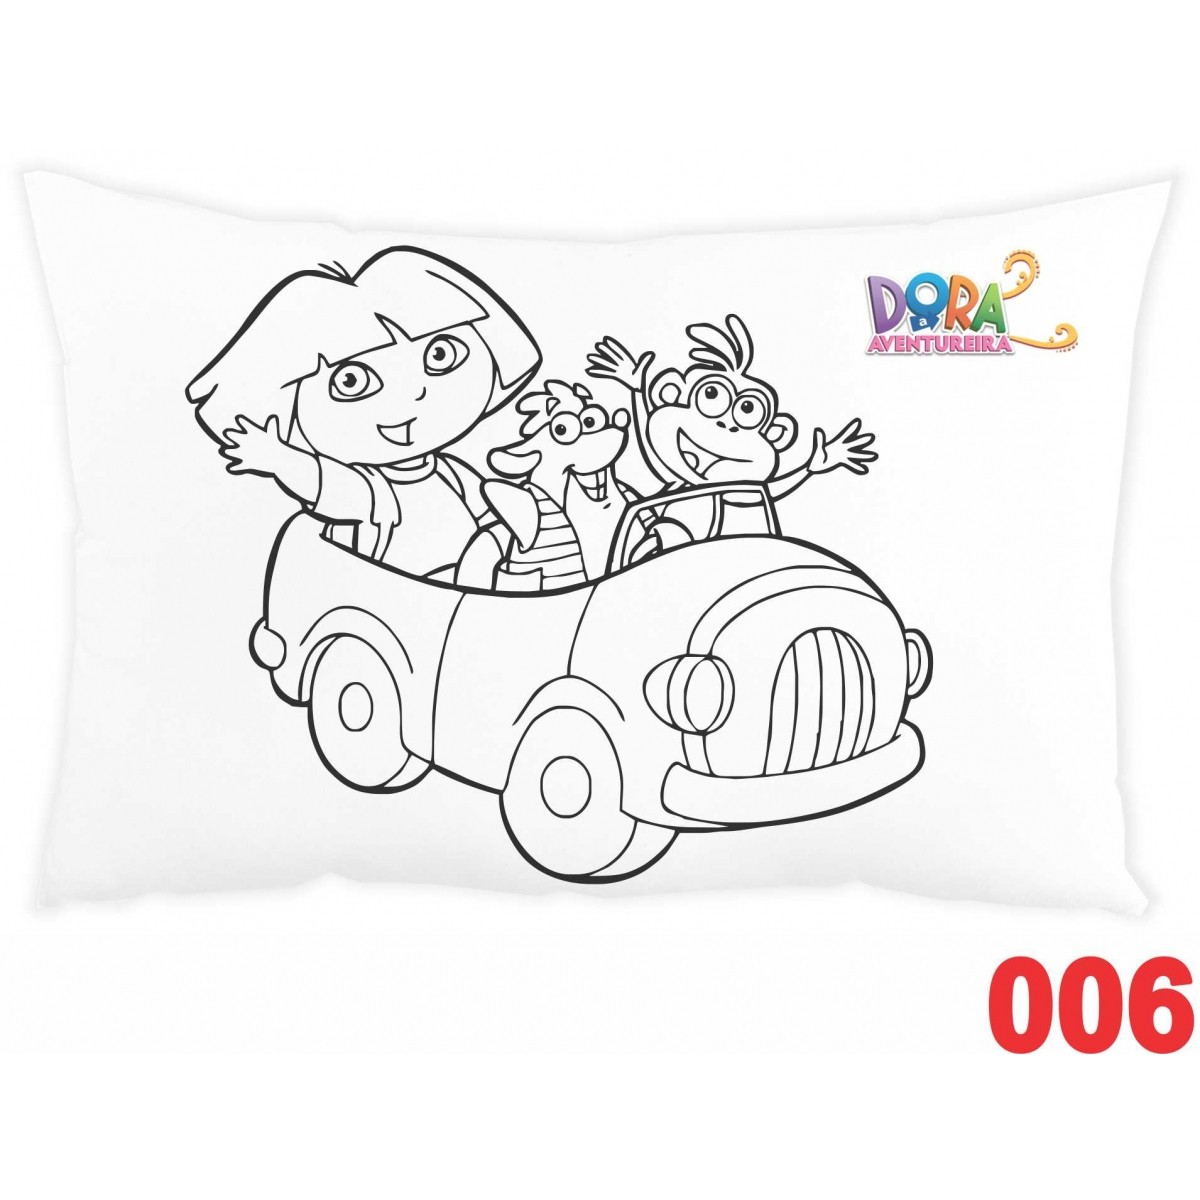 Kit com 10 Almofadas para Colorir e Pintar Personalizada Dora Aventureira